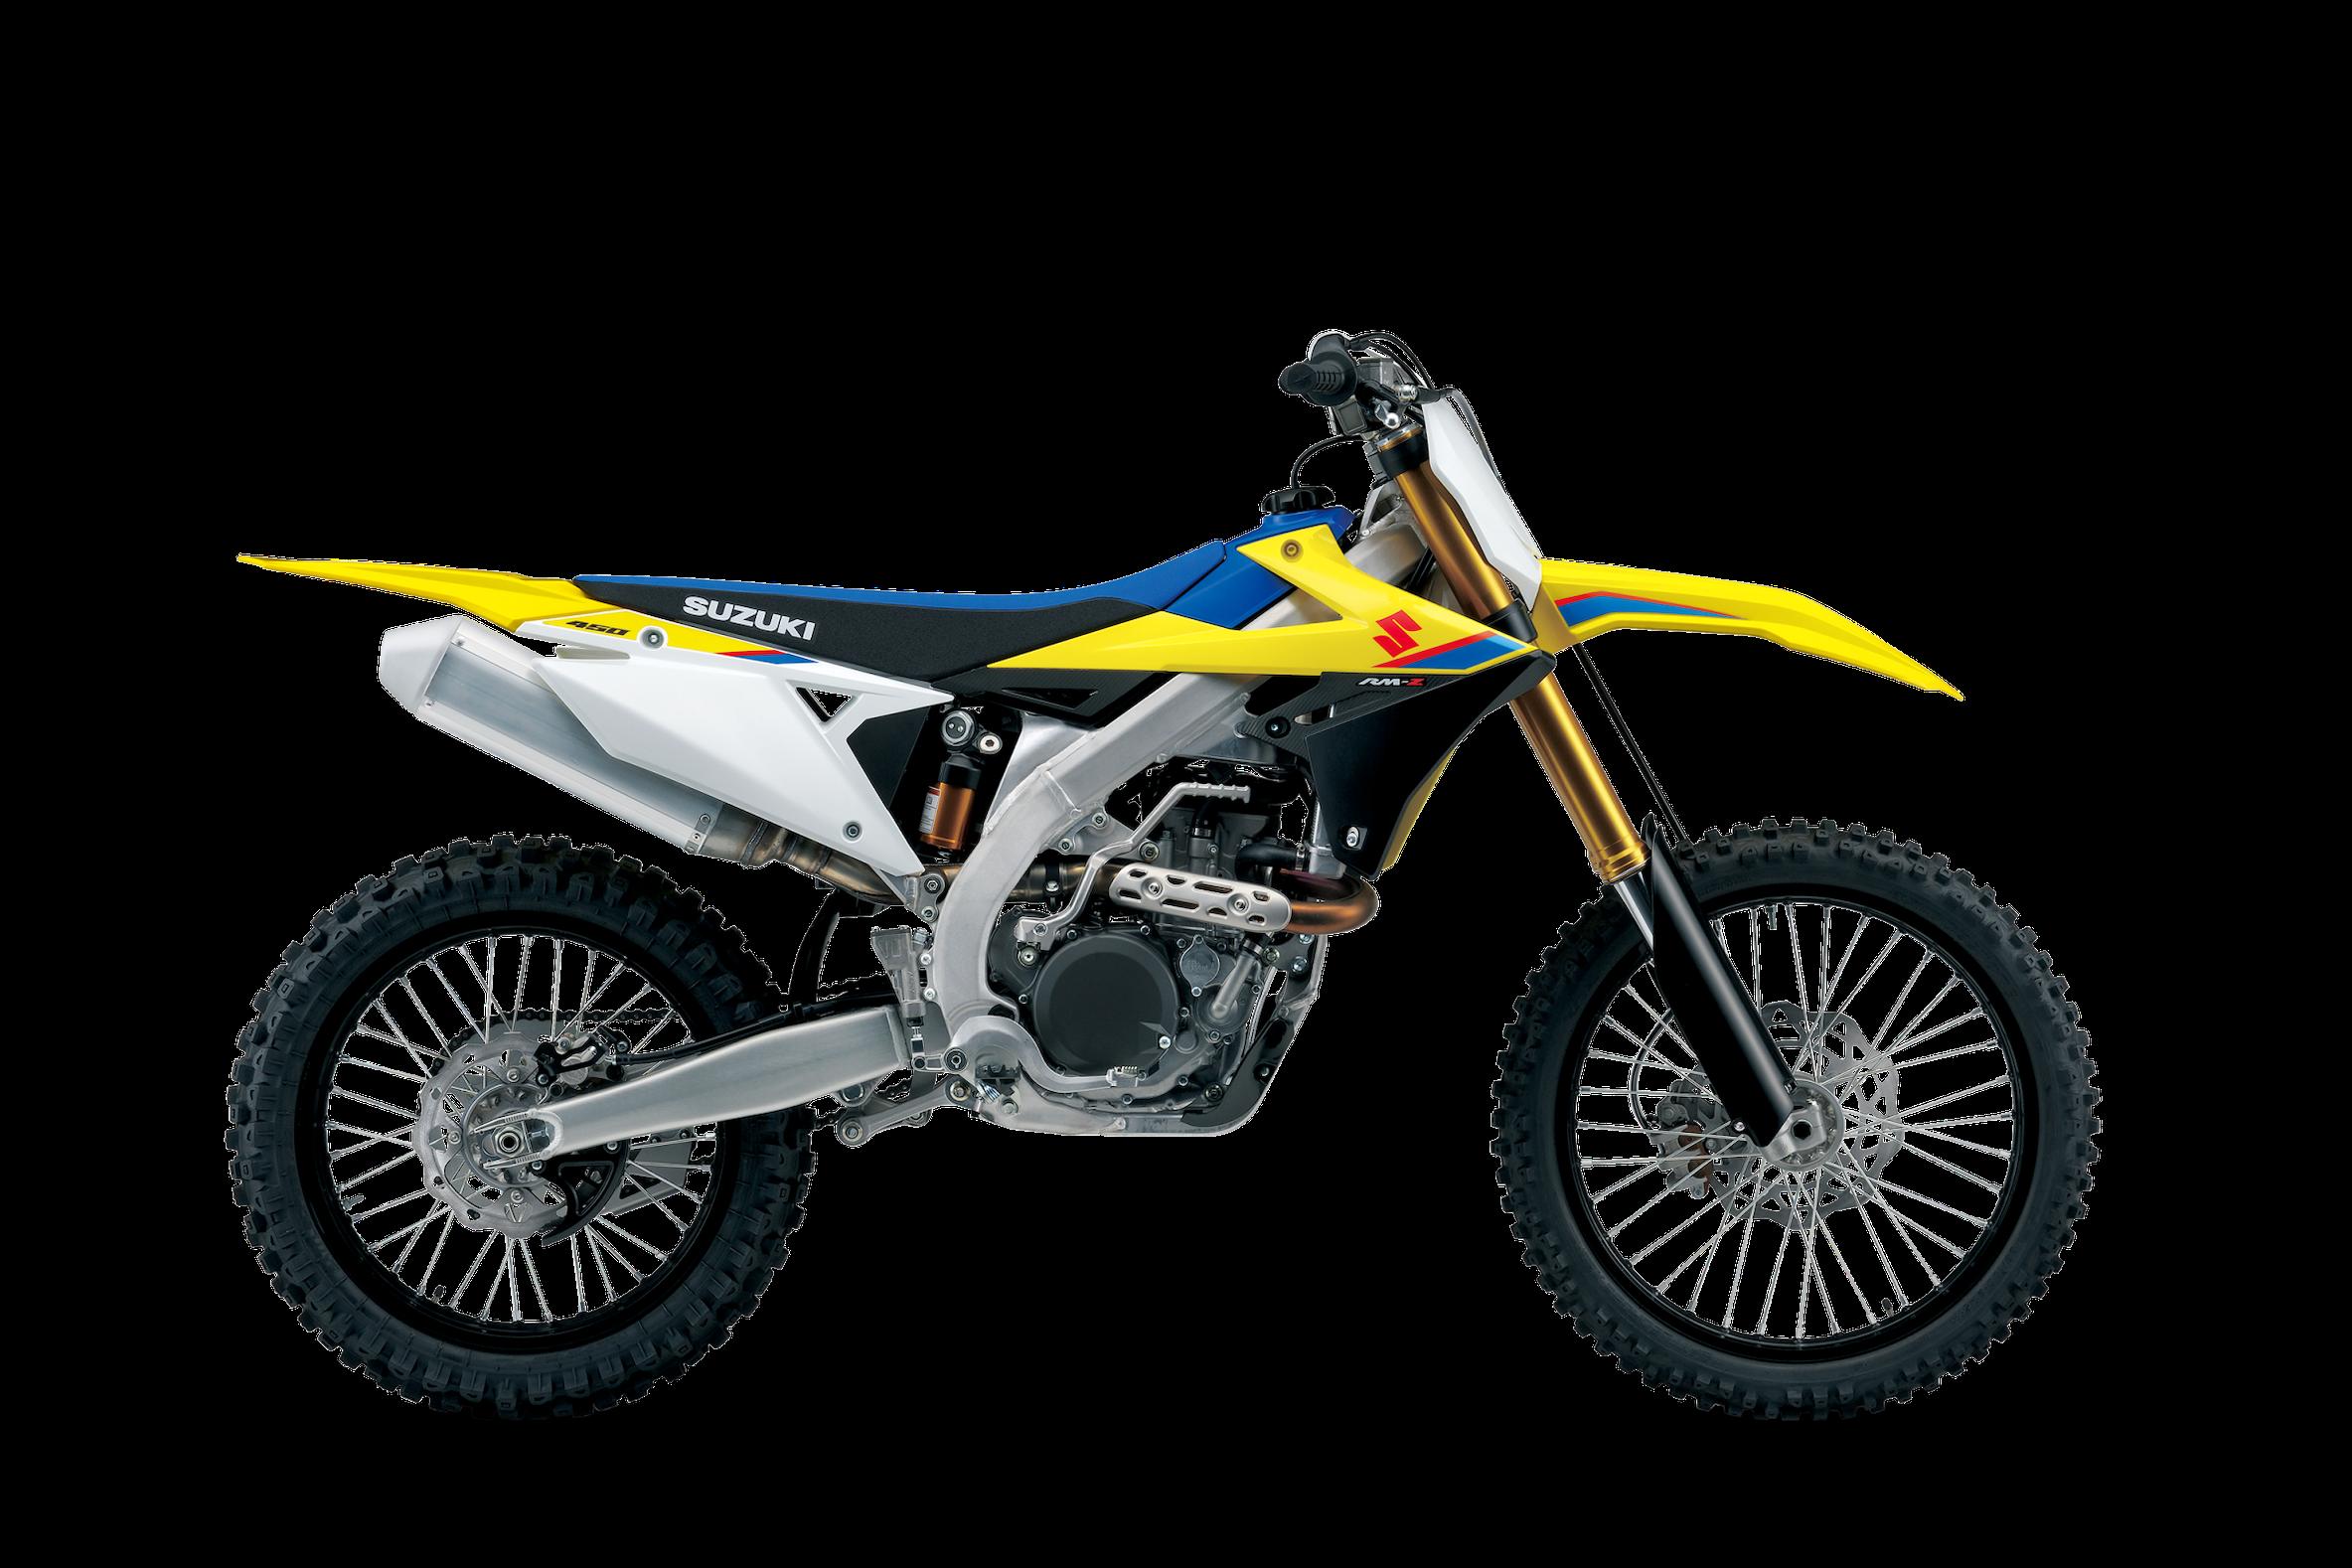 Suzuki Releases 2019 Motocross, Dualsport, Off-Road Models